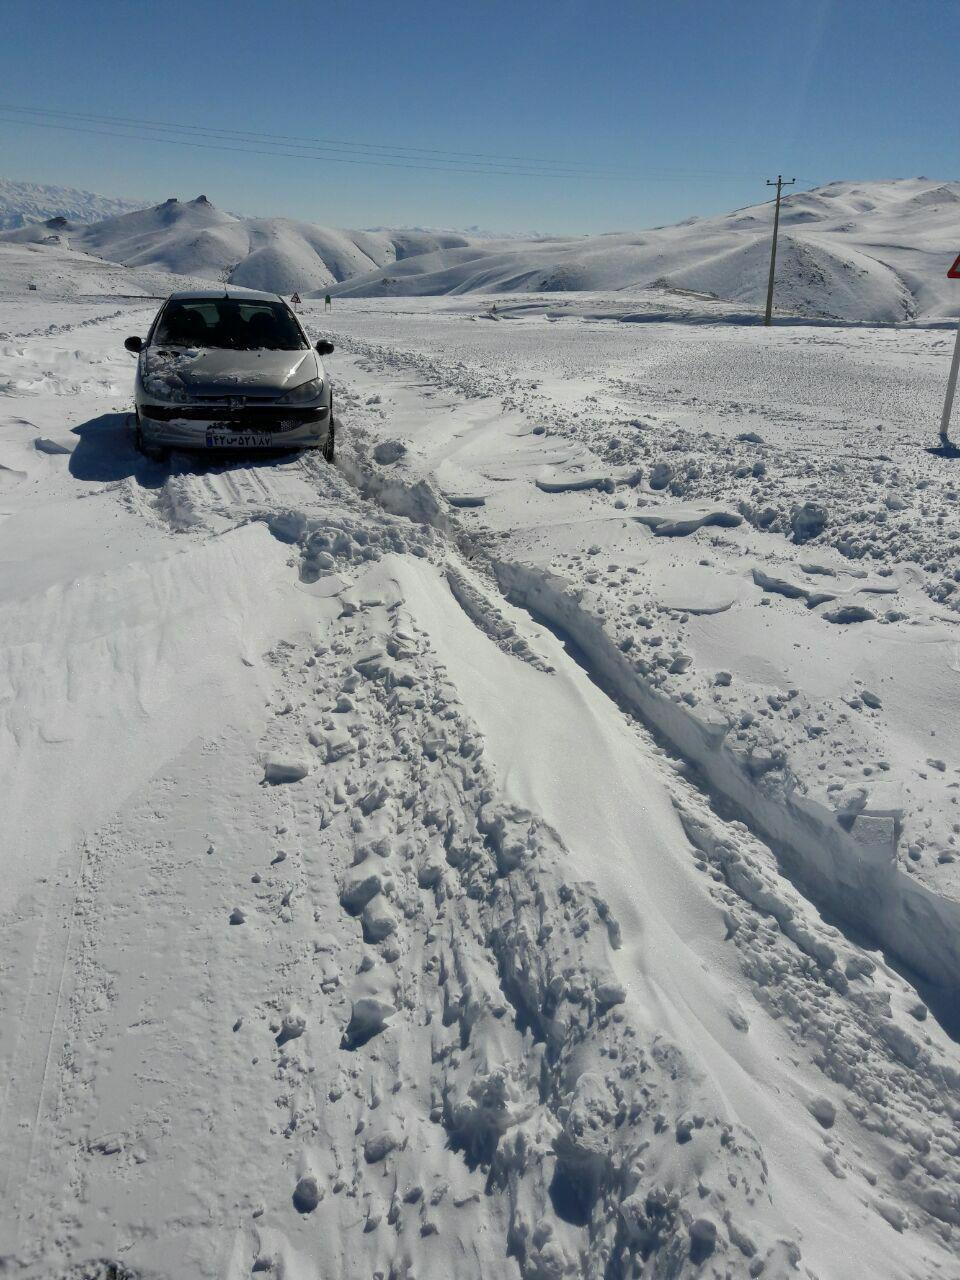 بارش برف در دوراهی روستای المالو